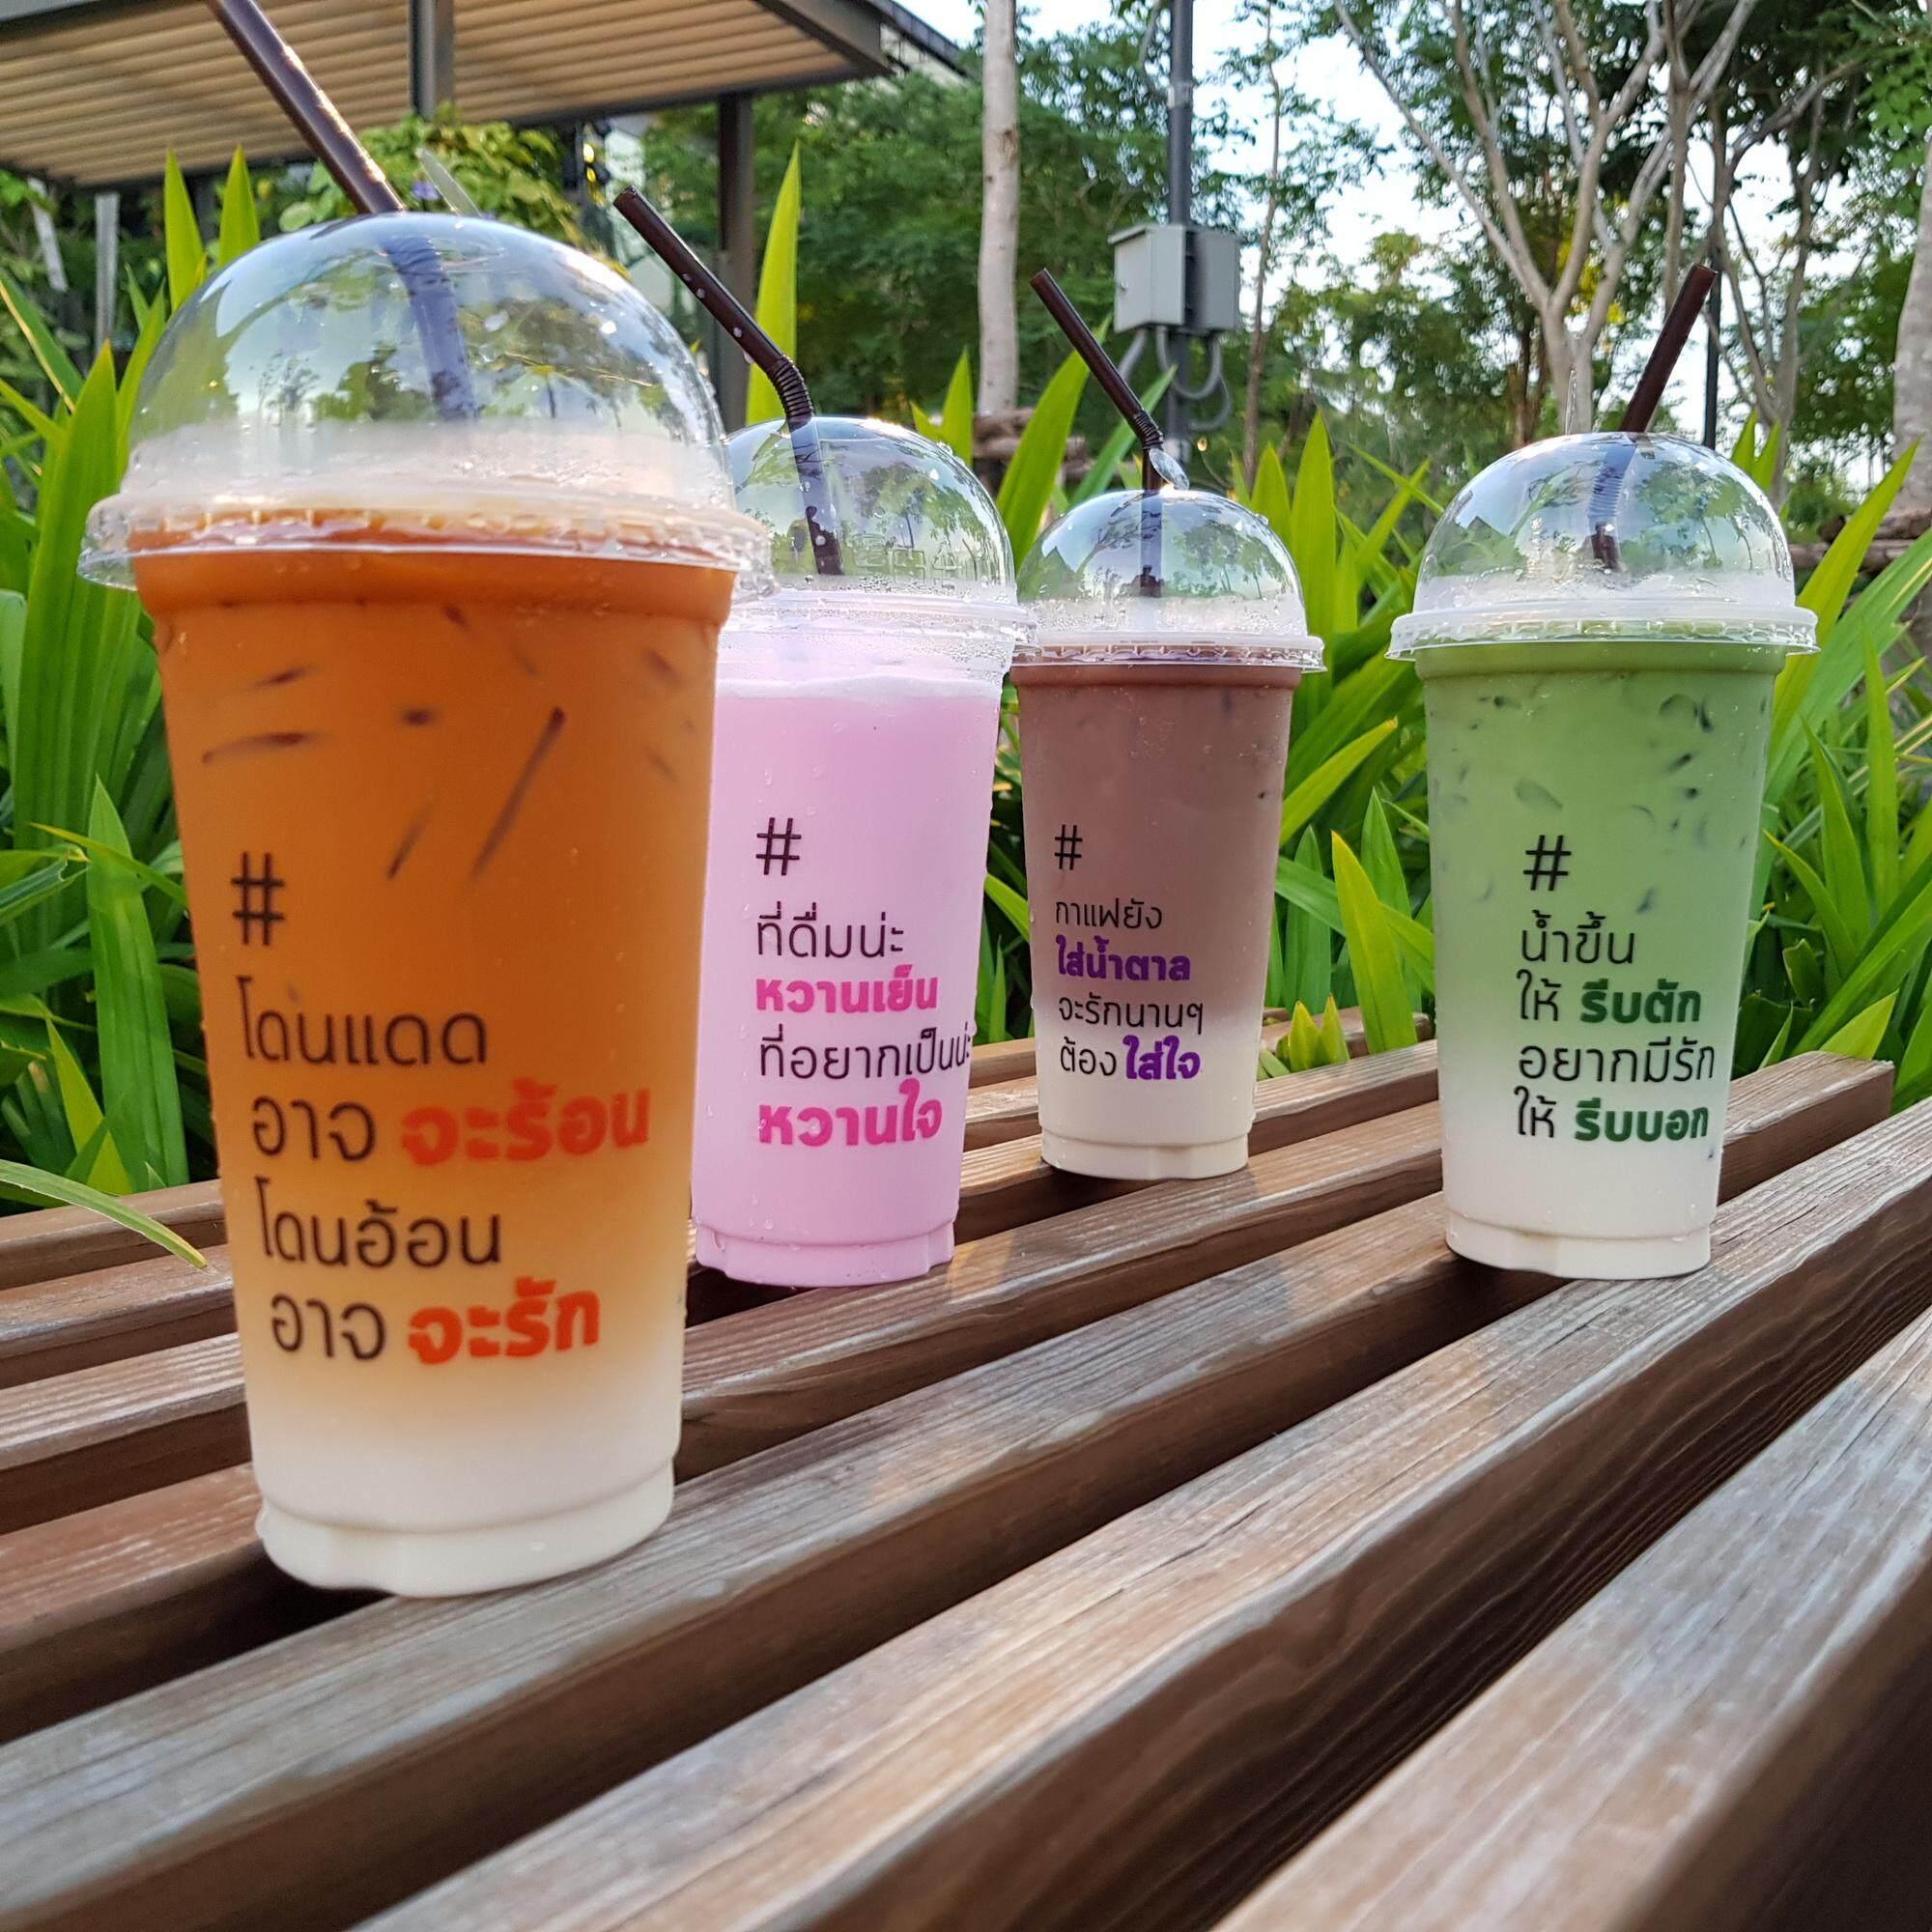 ถ้วยพลาสติก ถ้วย PP ถ้วยCG ถ้วยกาแฟ 22ออน บรรจุ 500ใบ ไม่รวมฝาและหลอด (คละลาย4)